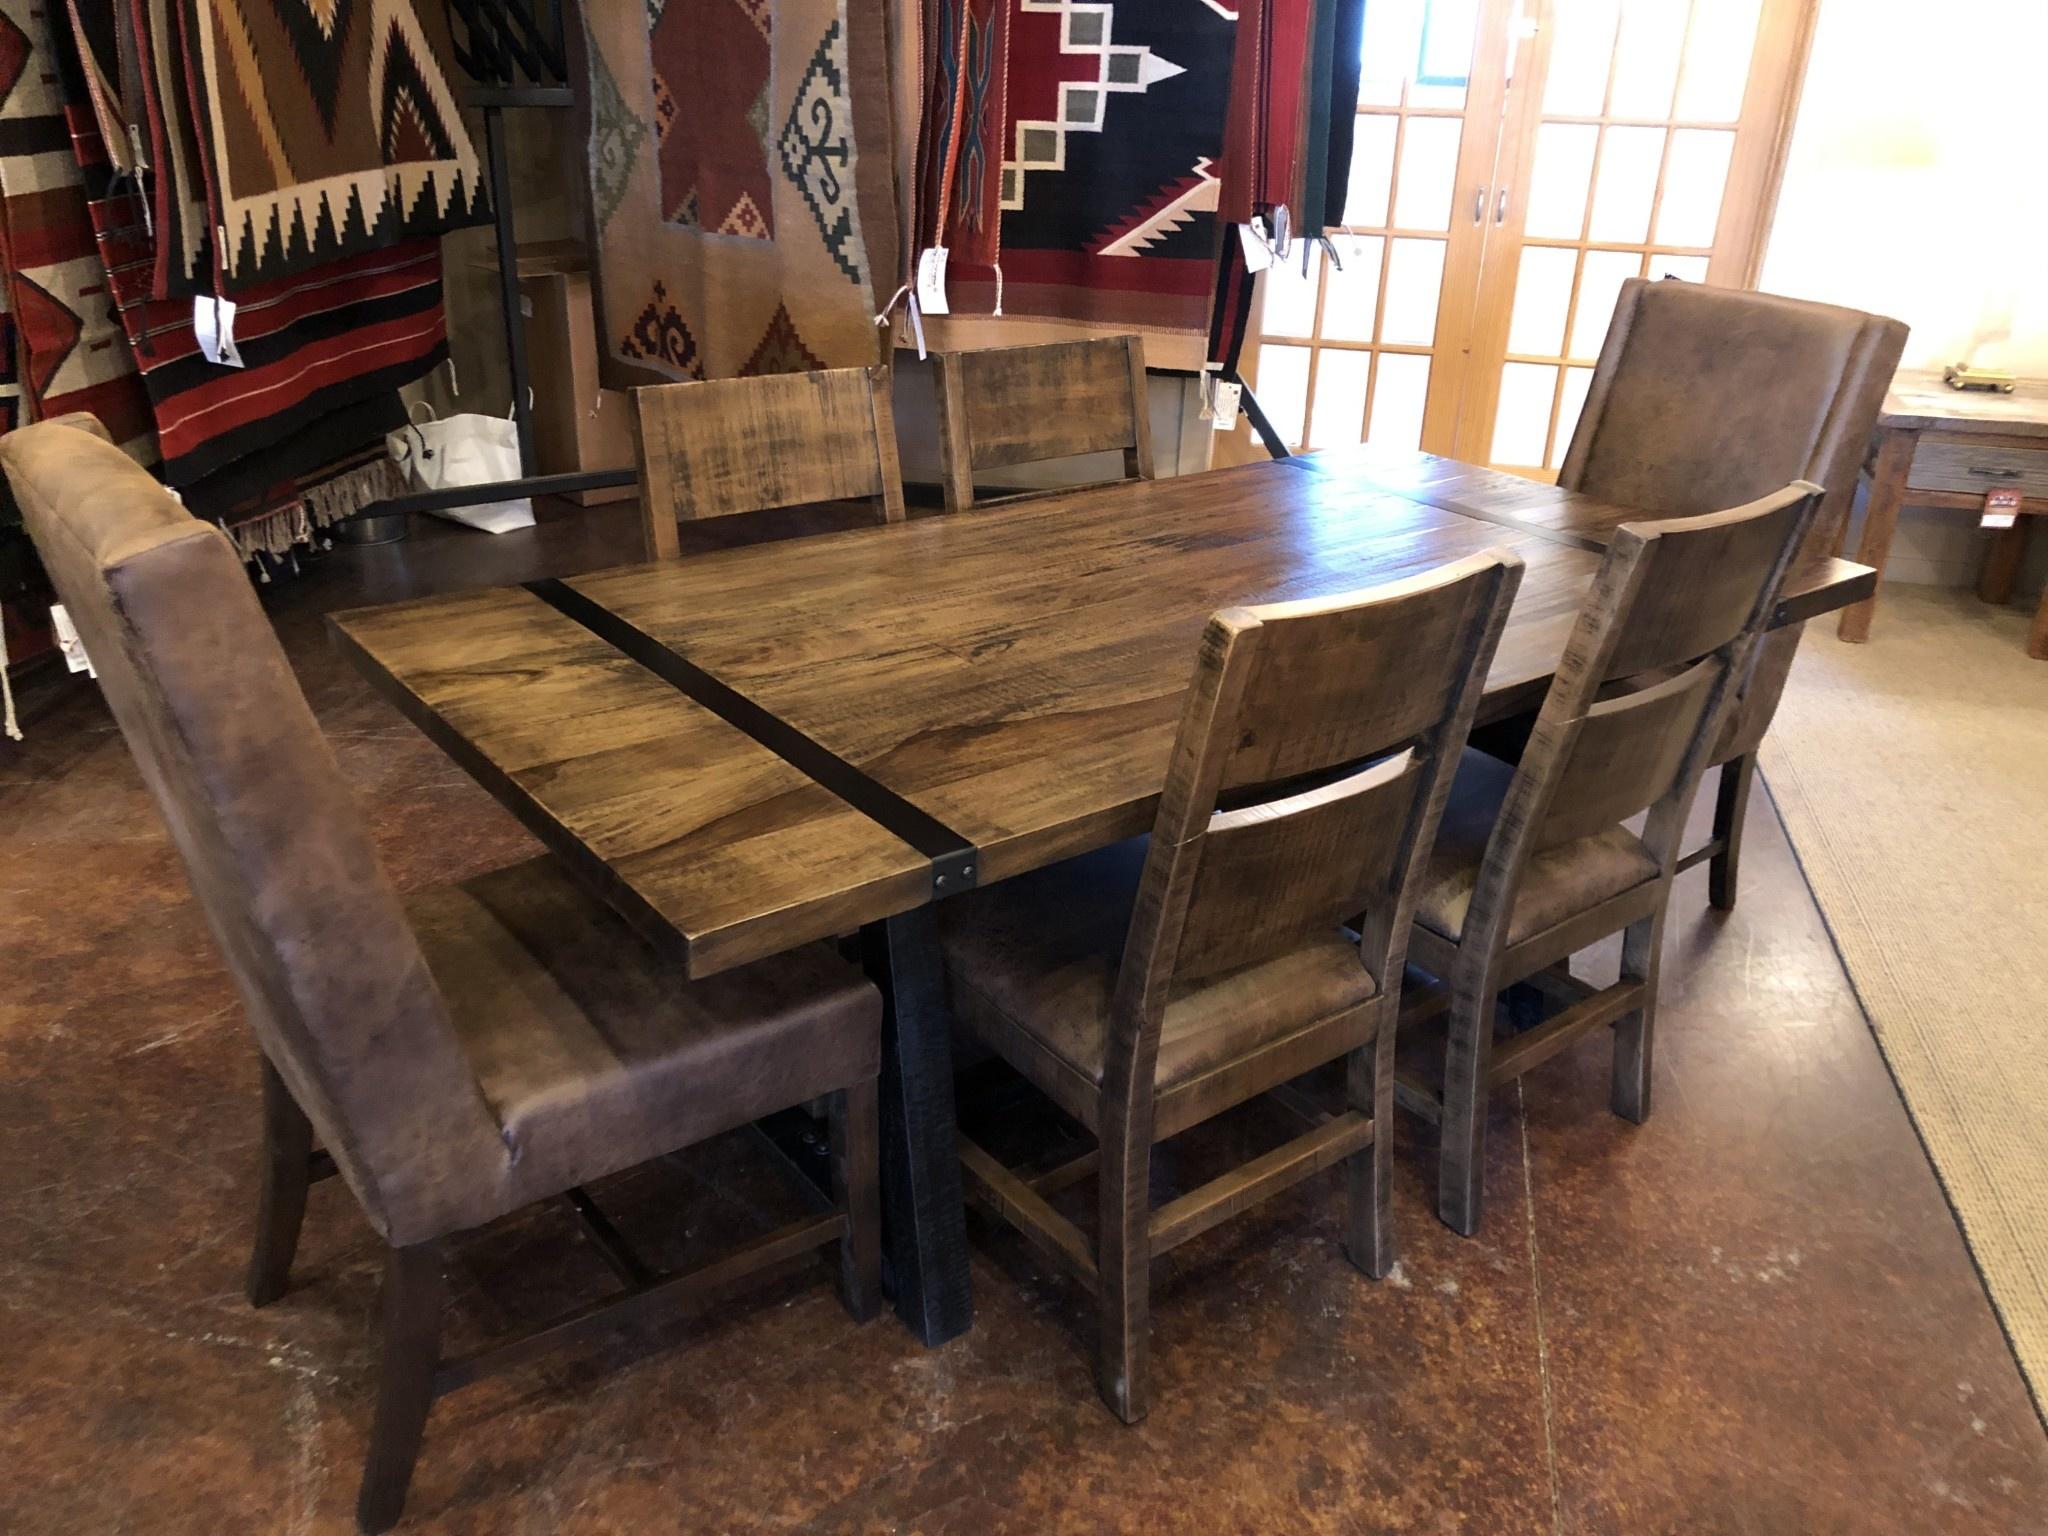 IFD 5201 Urban Art Dining Table 78 x 39 x 30